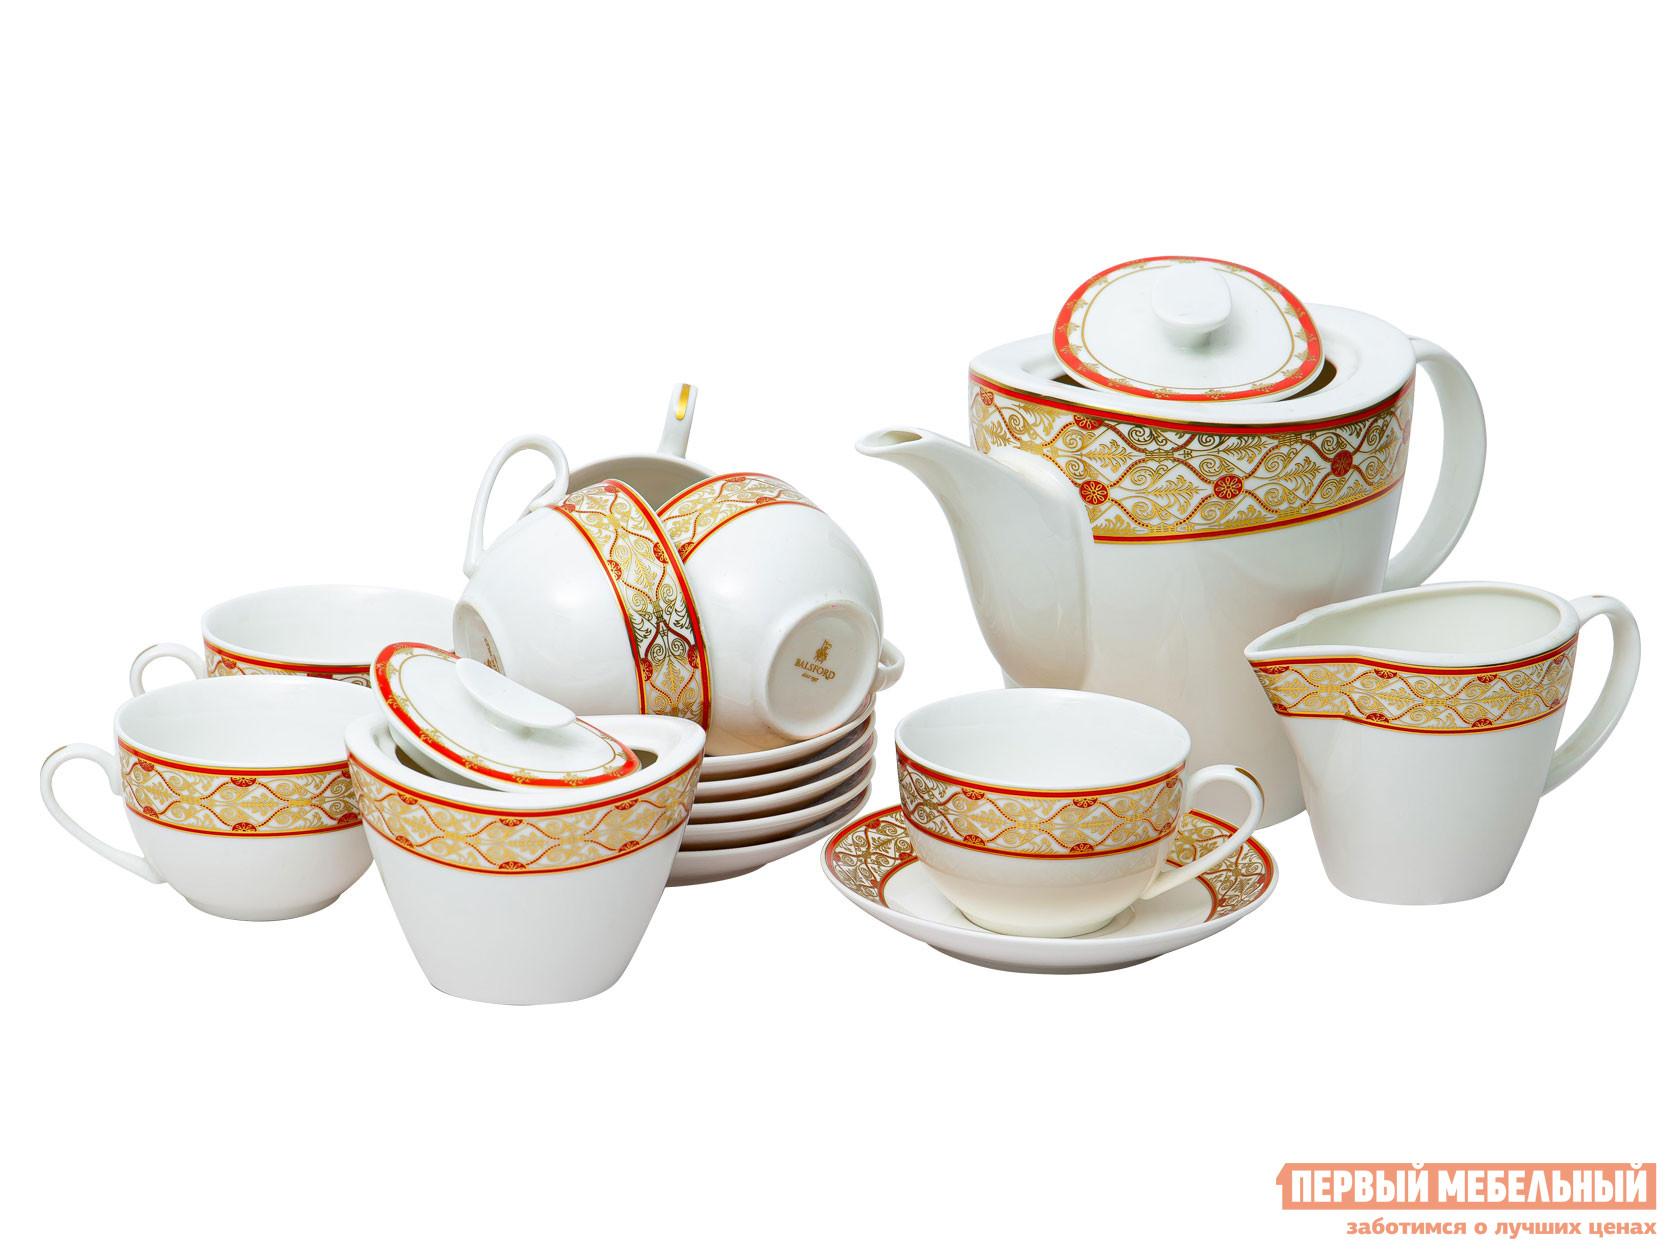 Чайный сервиз Первый Мебельный Эстелла